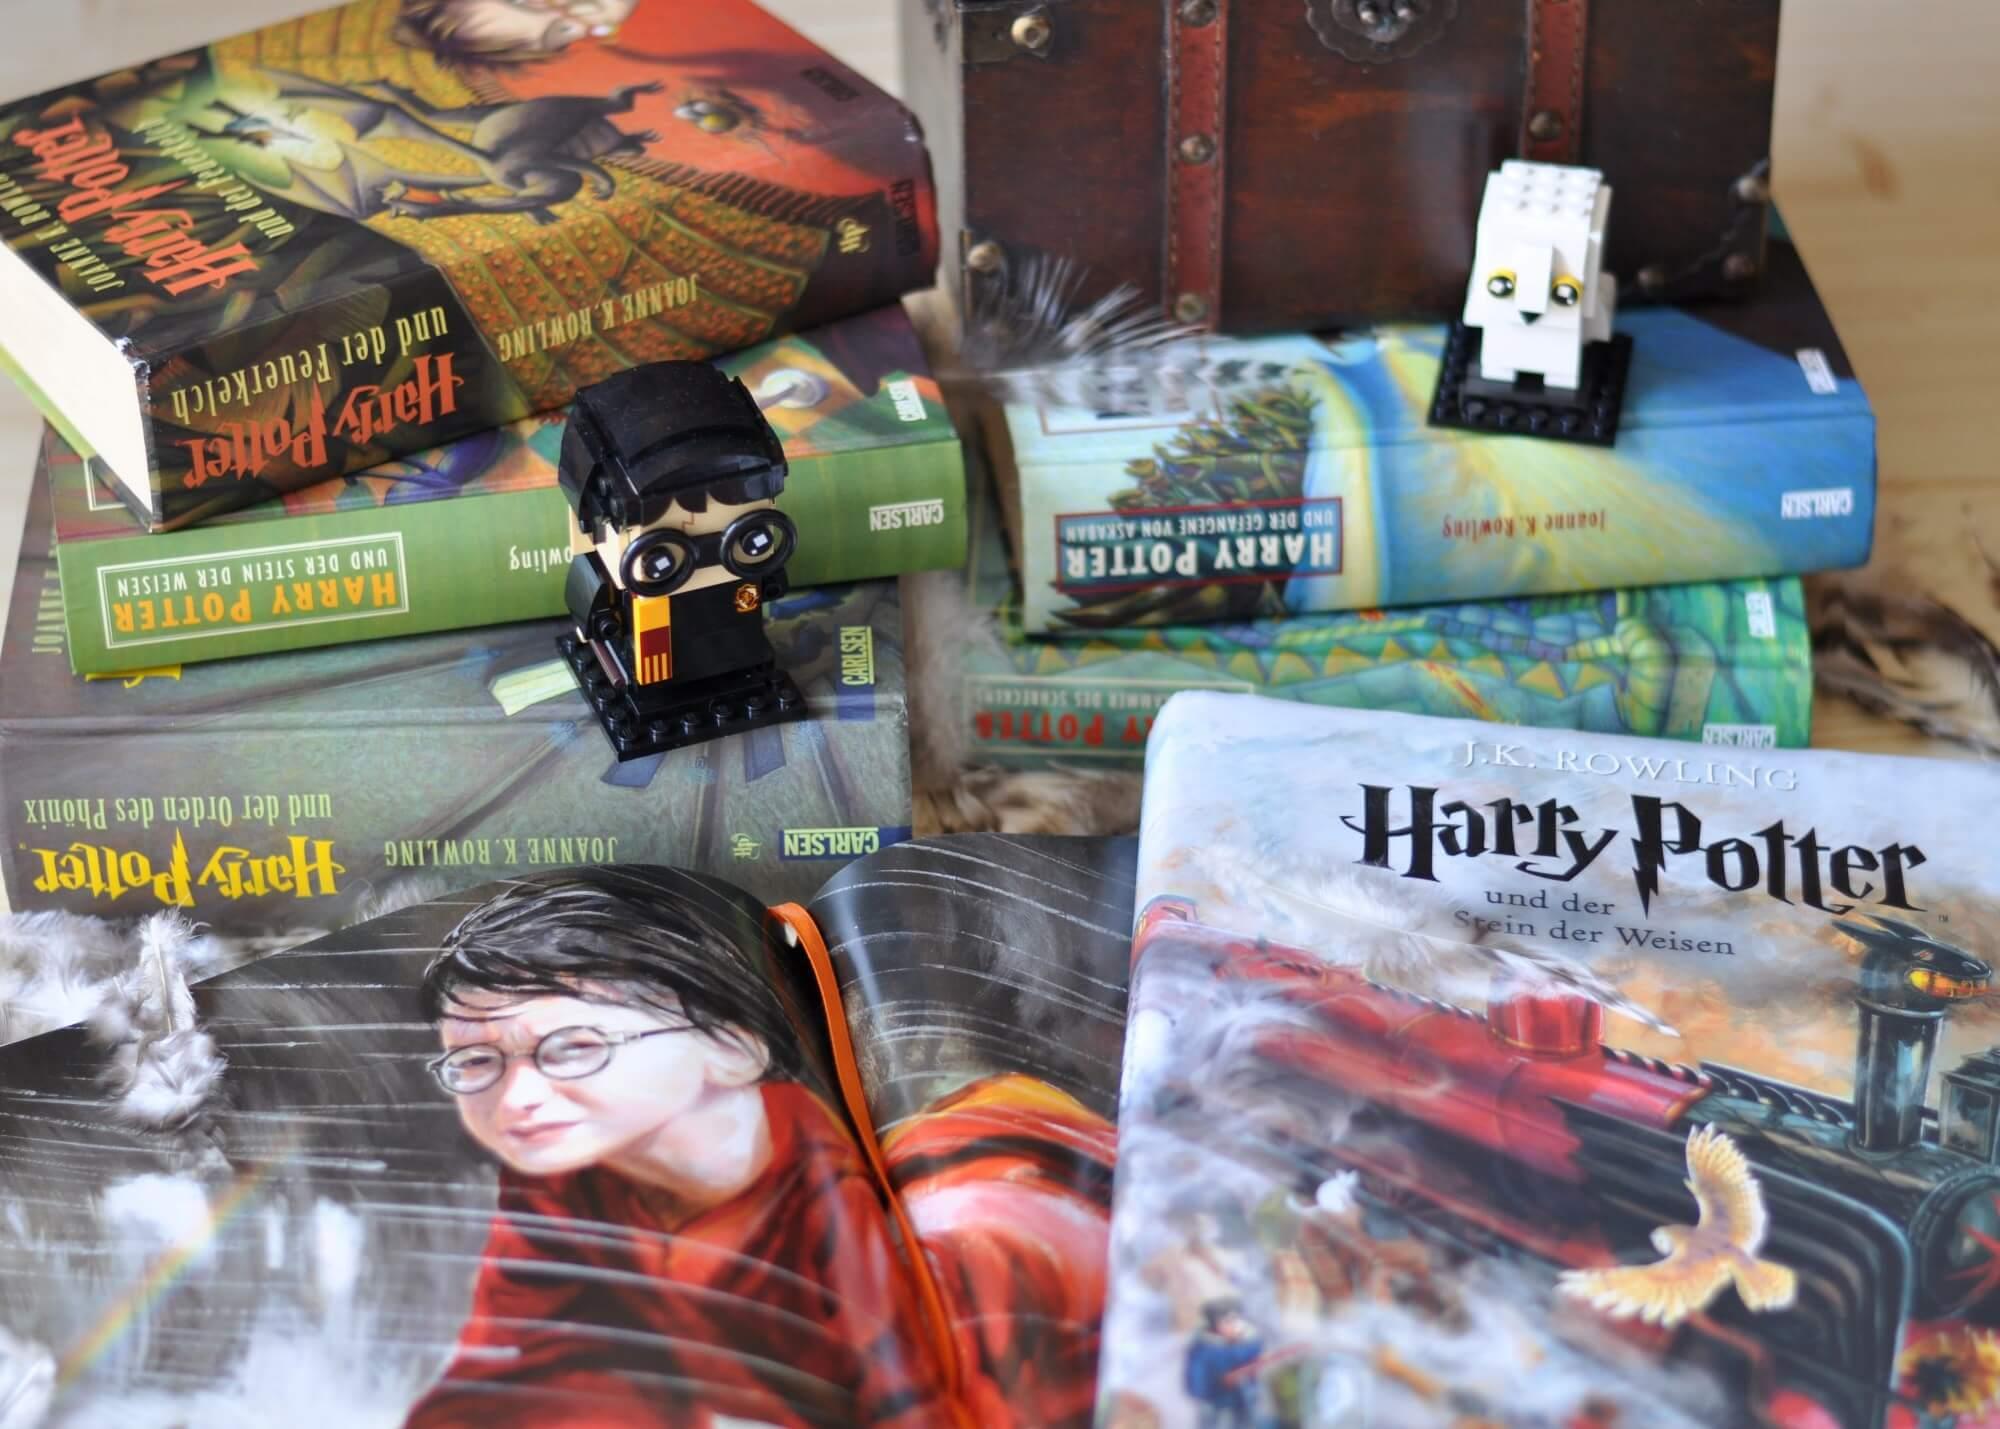 Harry Potter und die Macht des Lesens - 20yearsofmagic #jubiläum #harrypotter #potter #blogparade #fantasy #20jahre